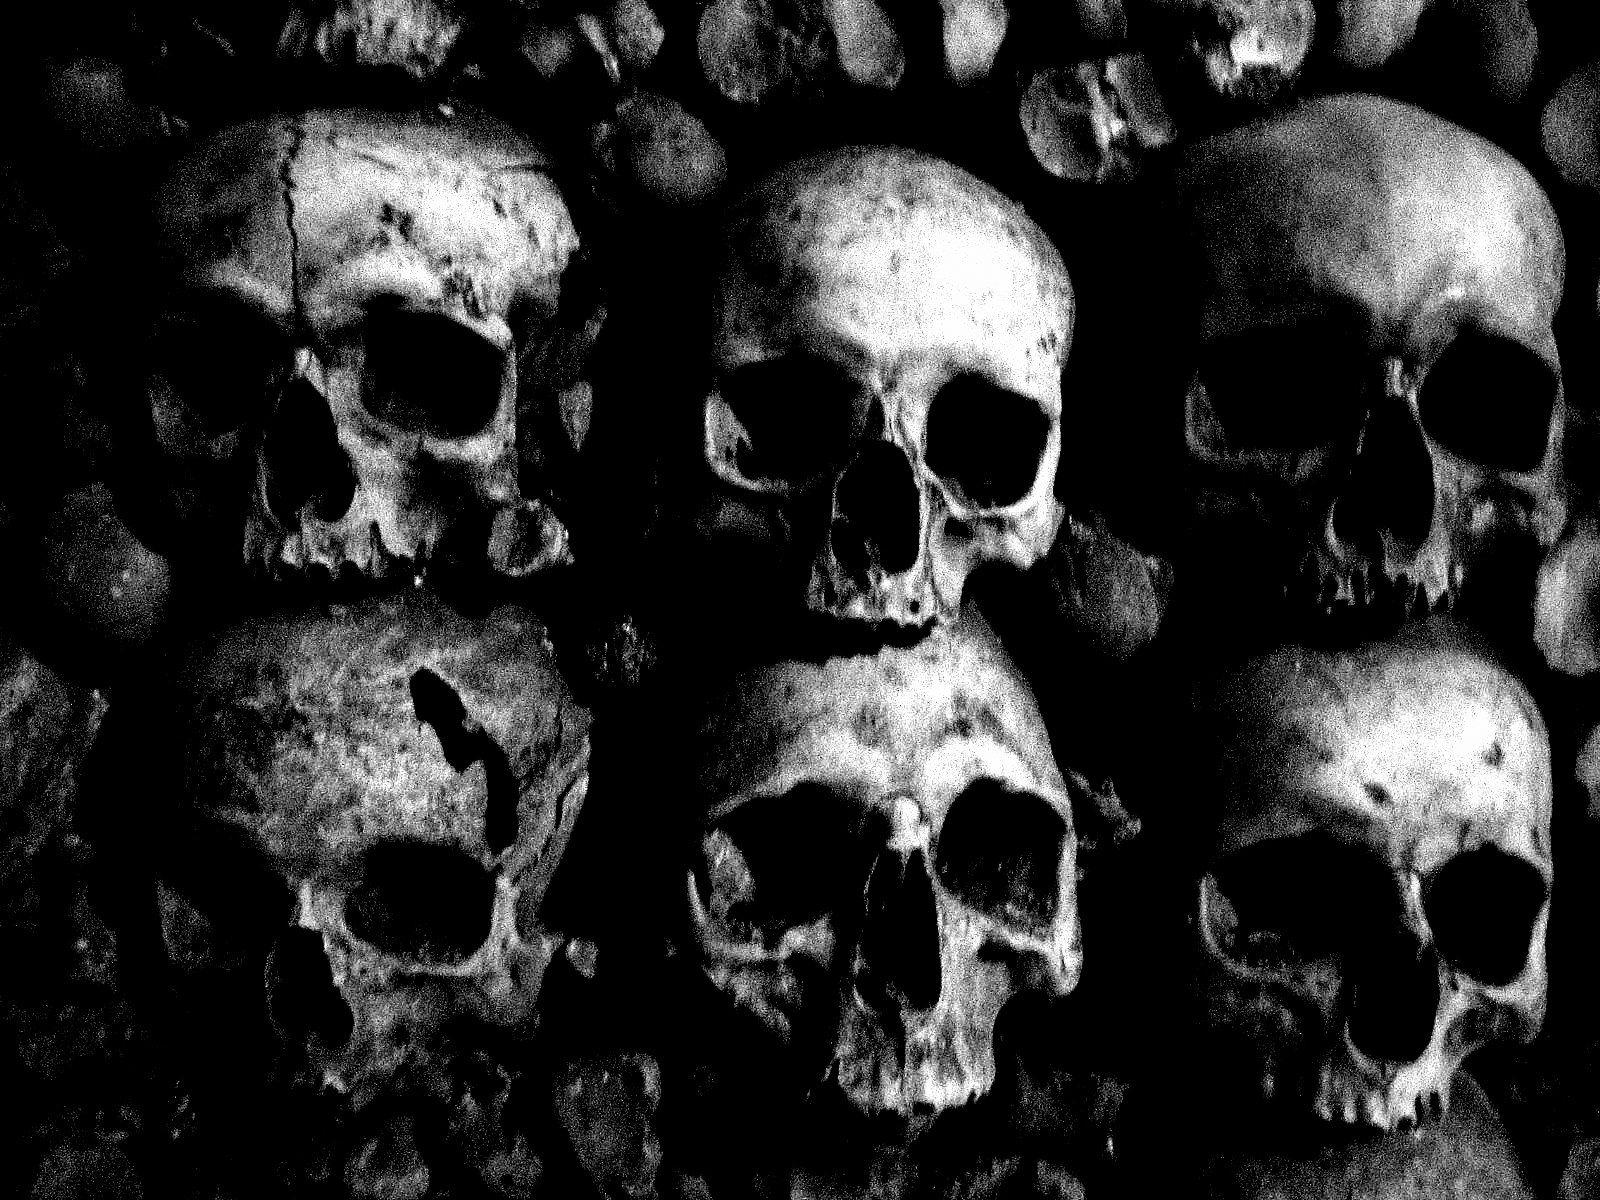 Six_Skulls_by_gaaarg.jpg (1600×1200)